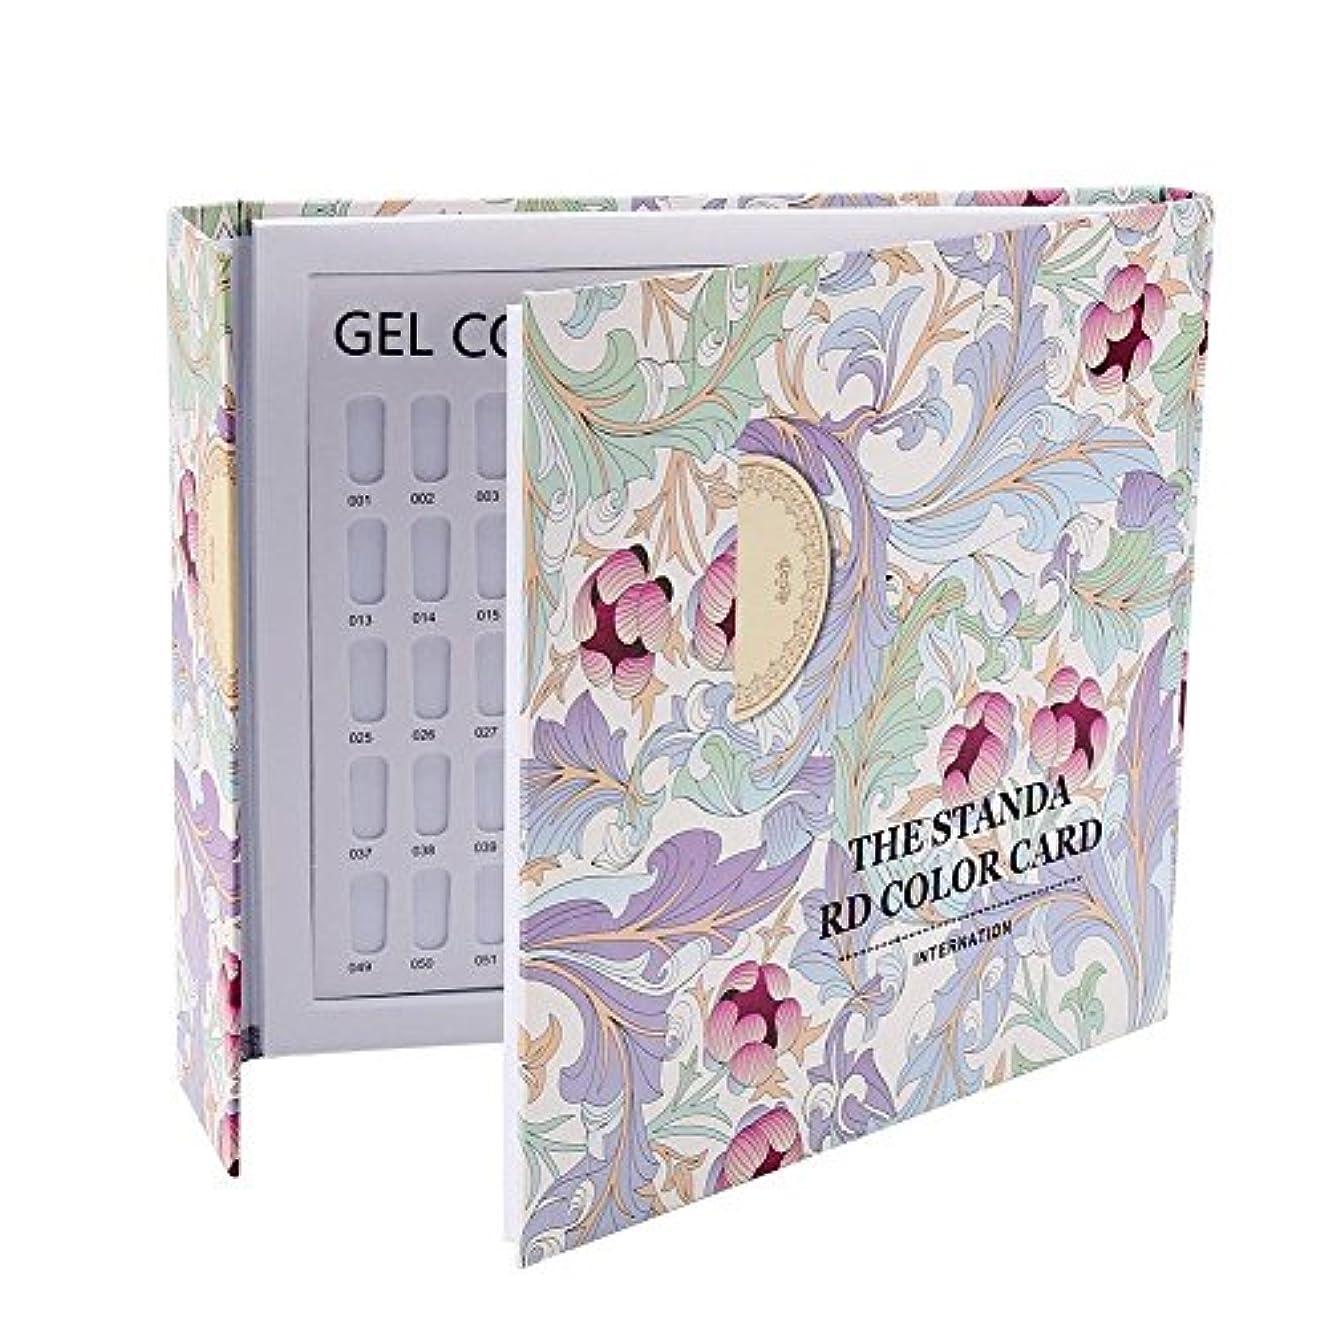 タッチファンシー協定カラーチャート ブック - Delaman ネイル 色見本、ブック型 、ジェルネイル、カラーガイド、サンプル帳、120色 (パターンカバー)